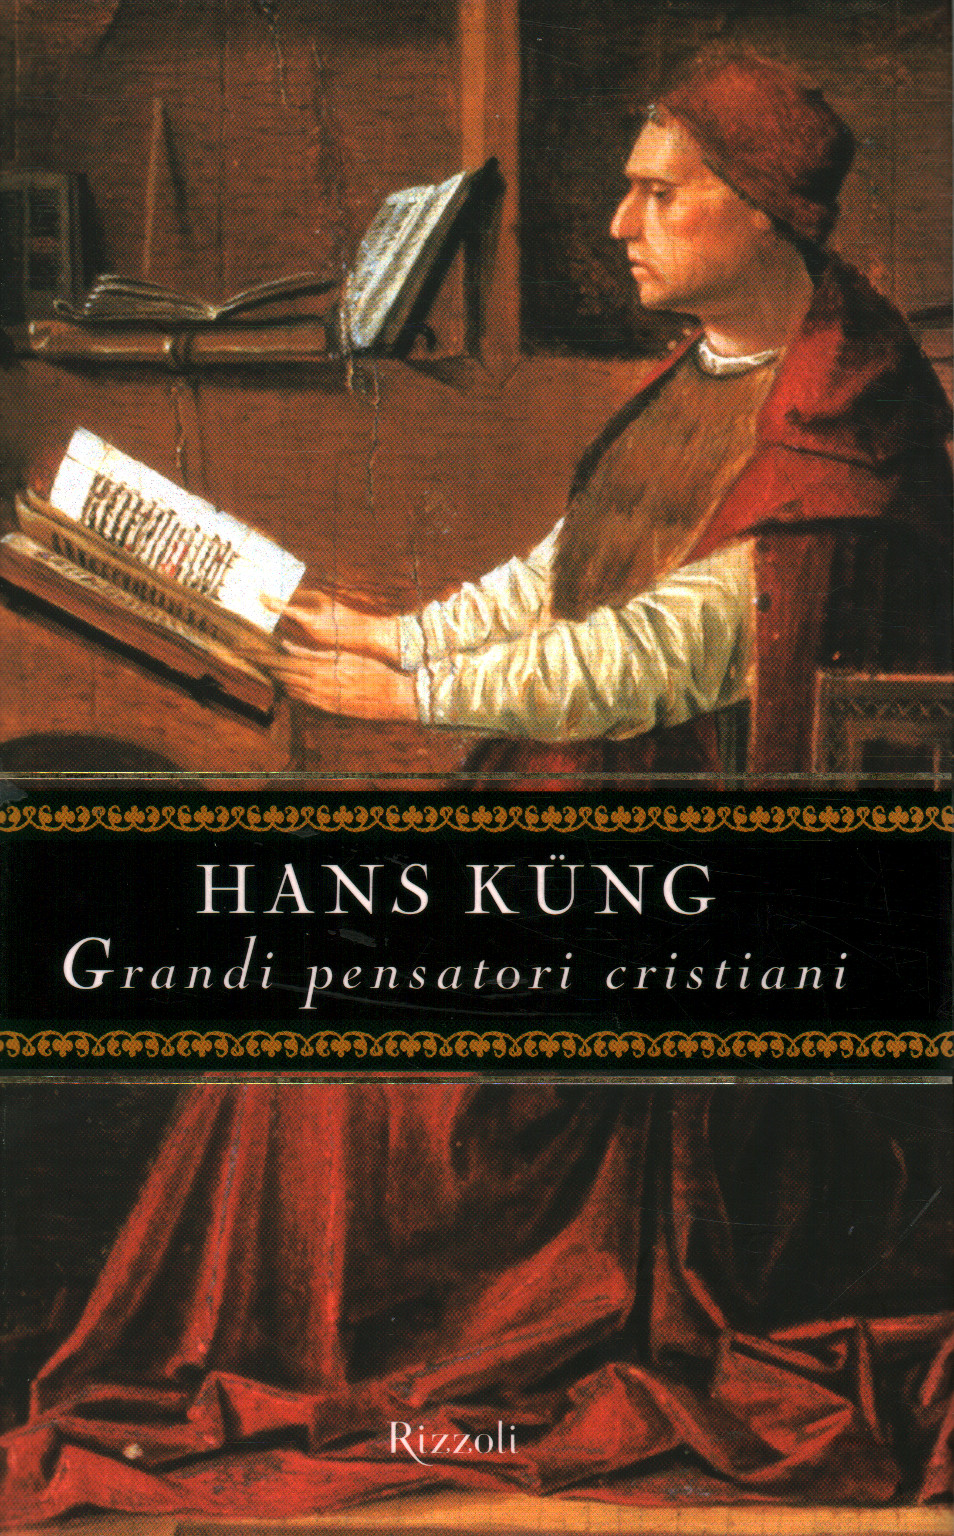 Grandi pensatori cristiani - Hans Kung - Cristianesimo - Religione -  Libreria - dimanoinmano.it